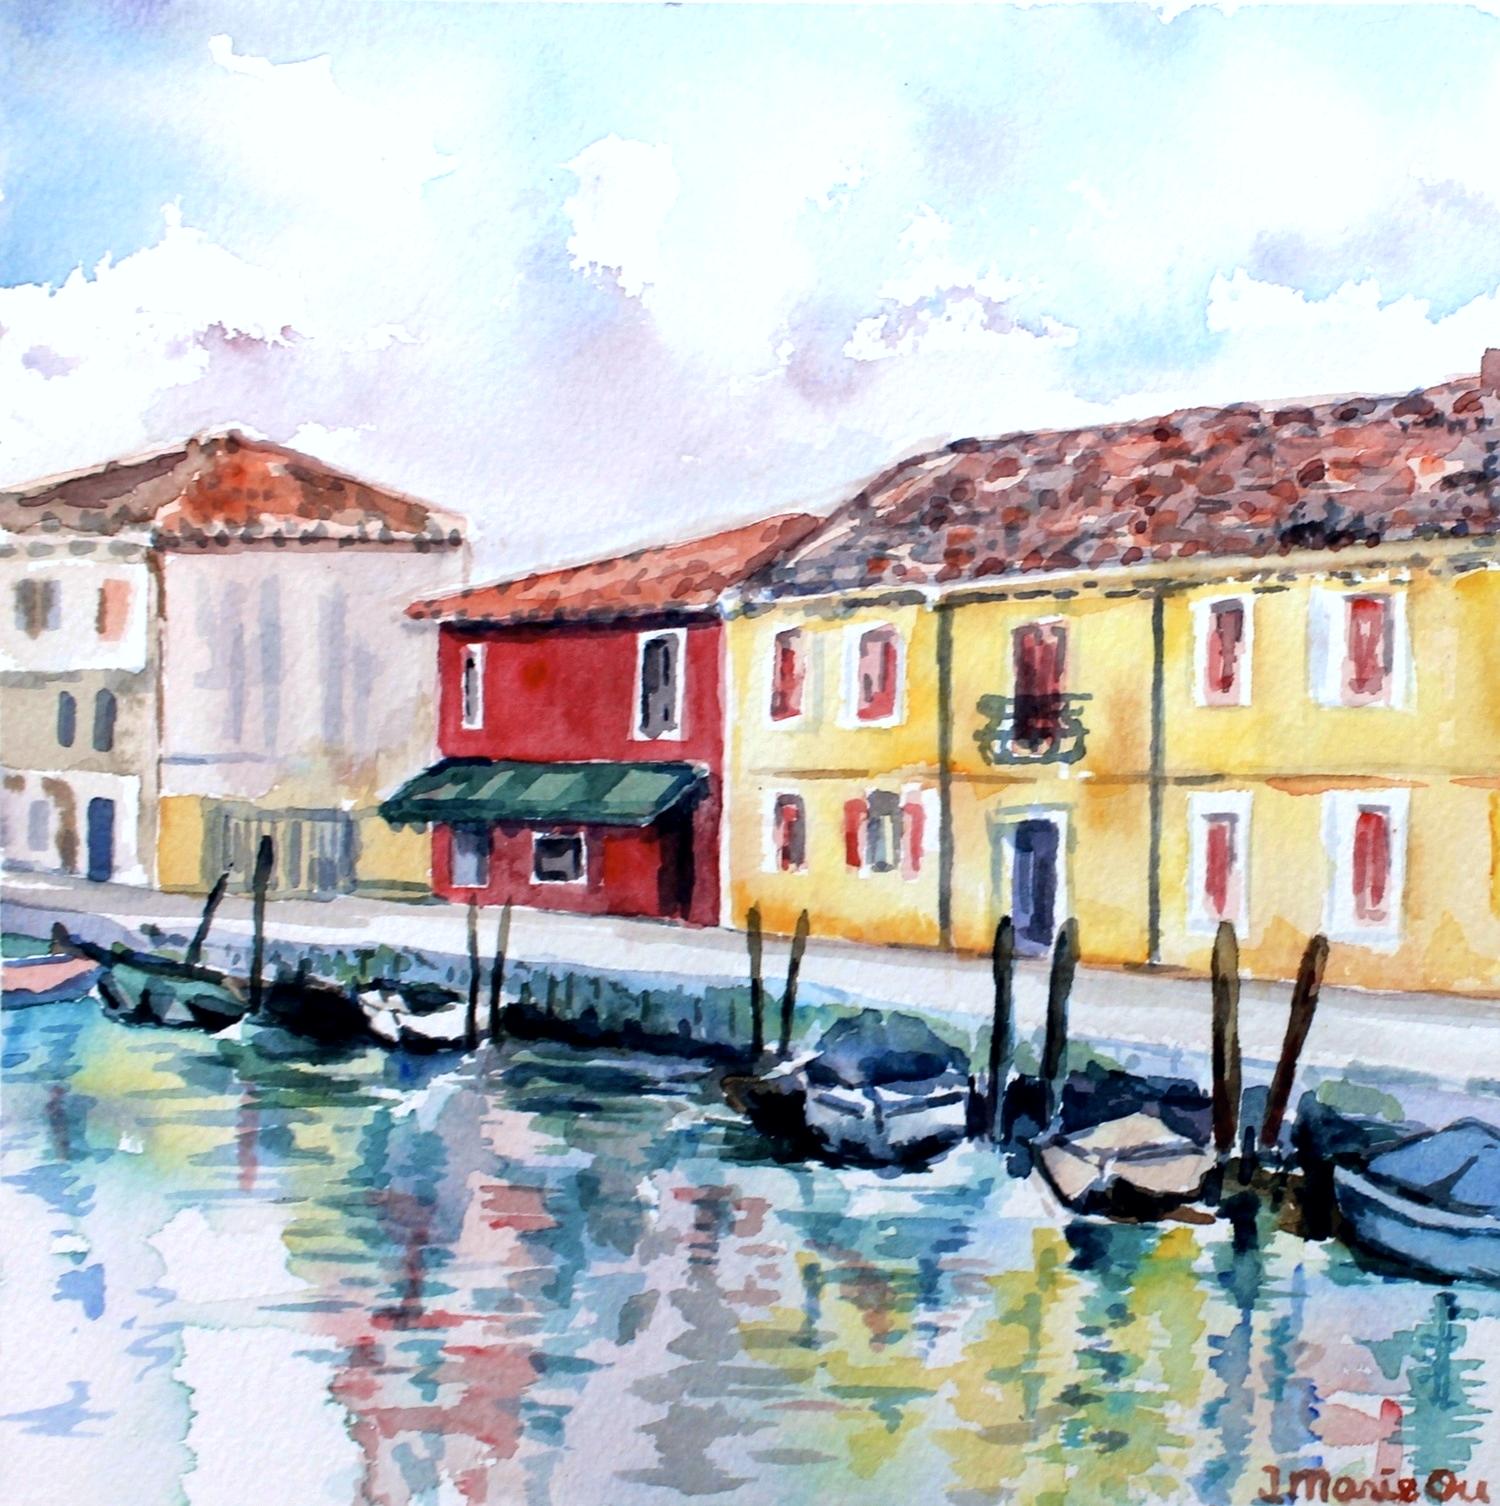 Murano, 8x8, watercolor